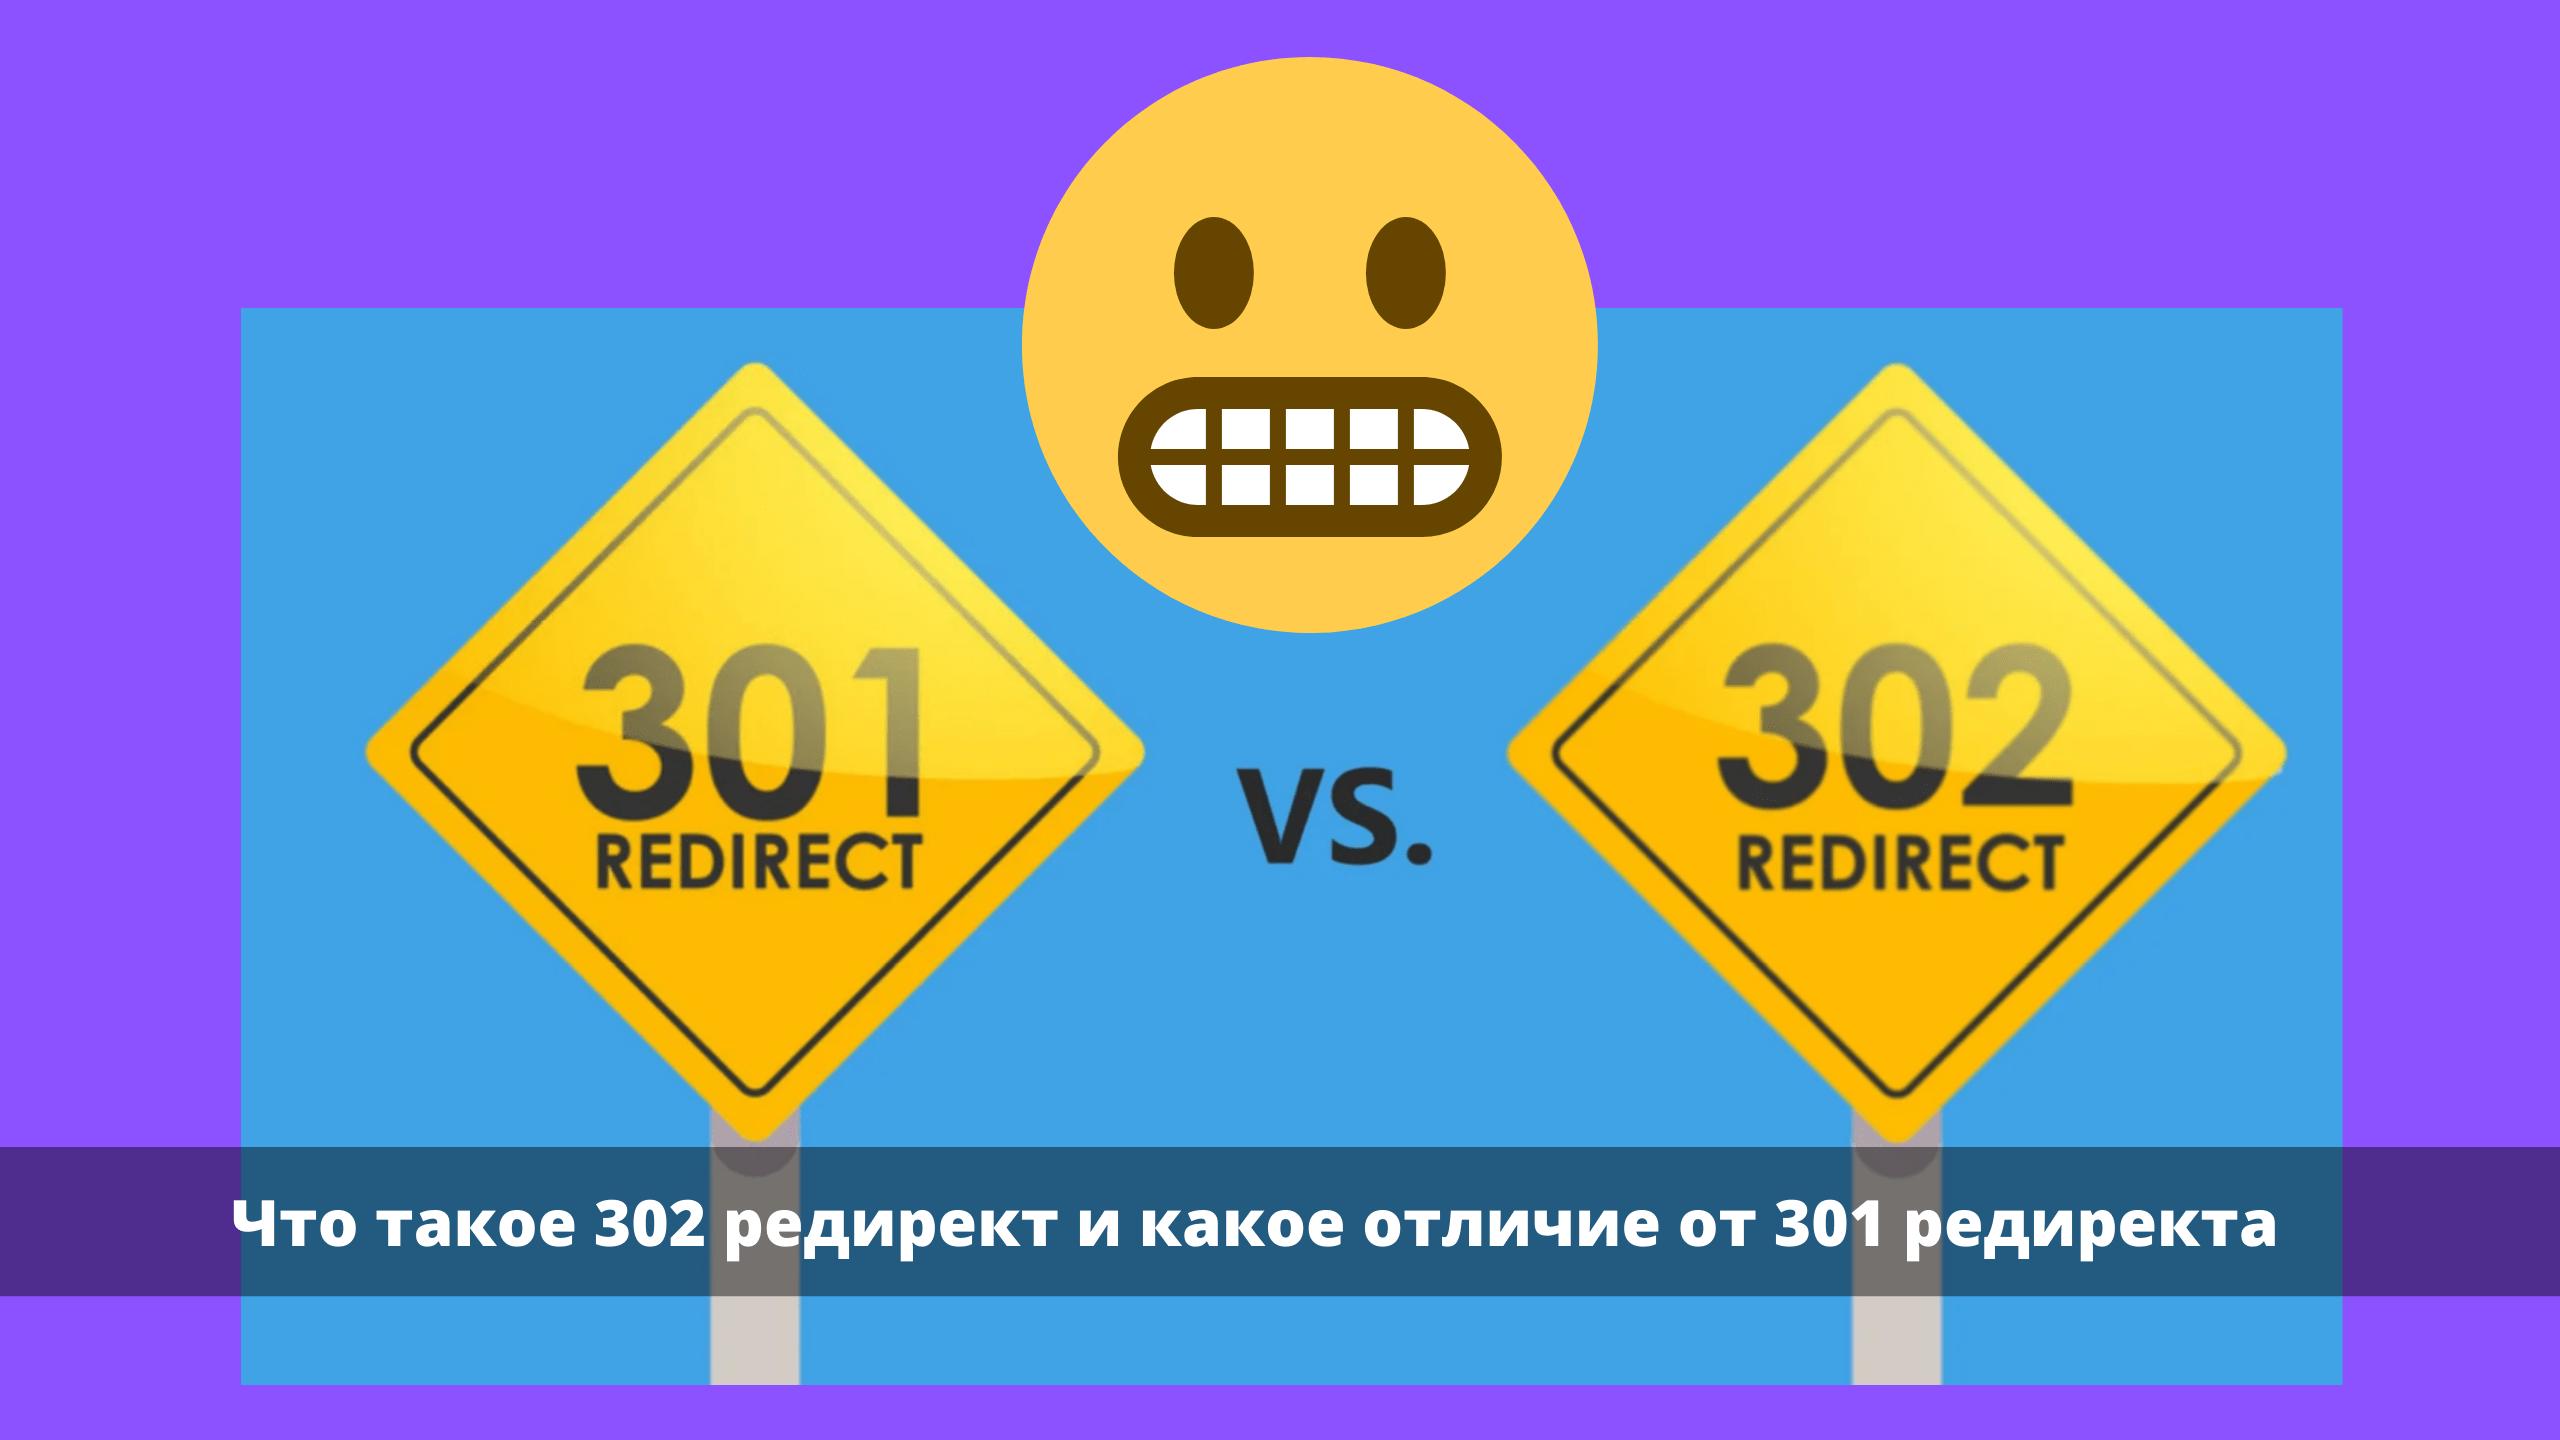 Что такое 302 редирект и какое отличие от 301 редиректа